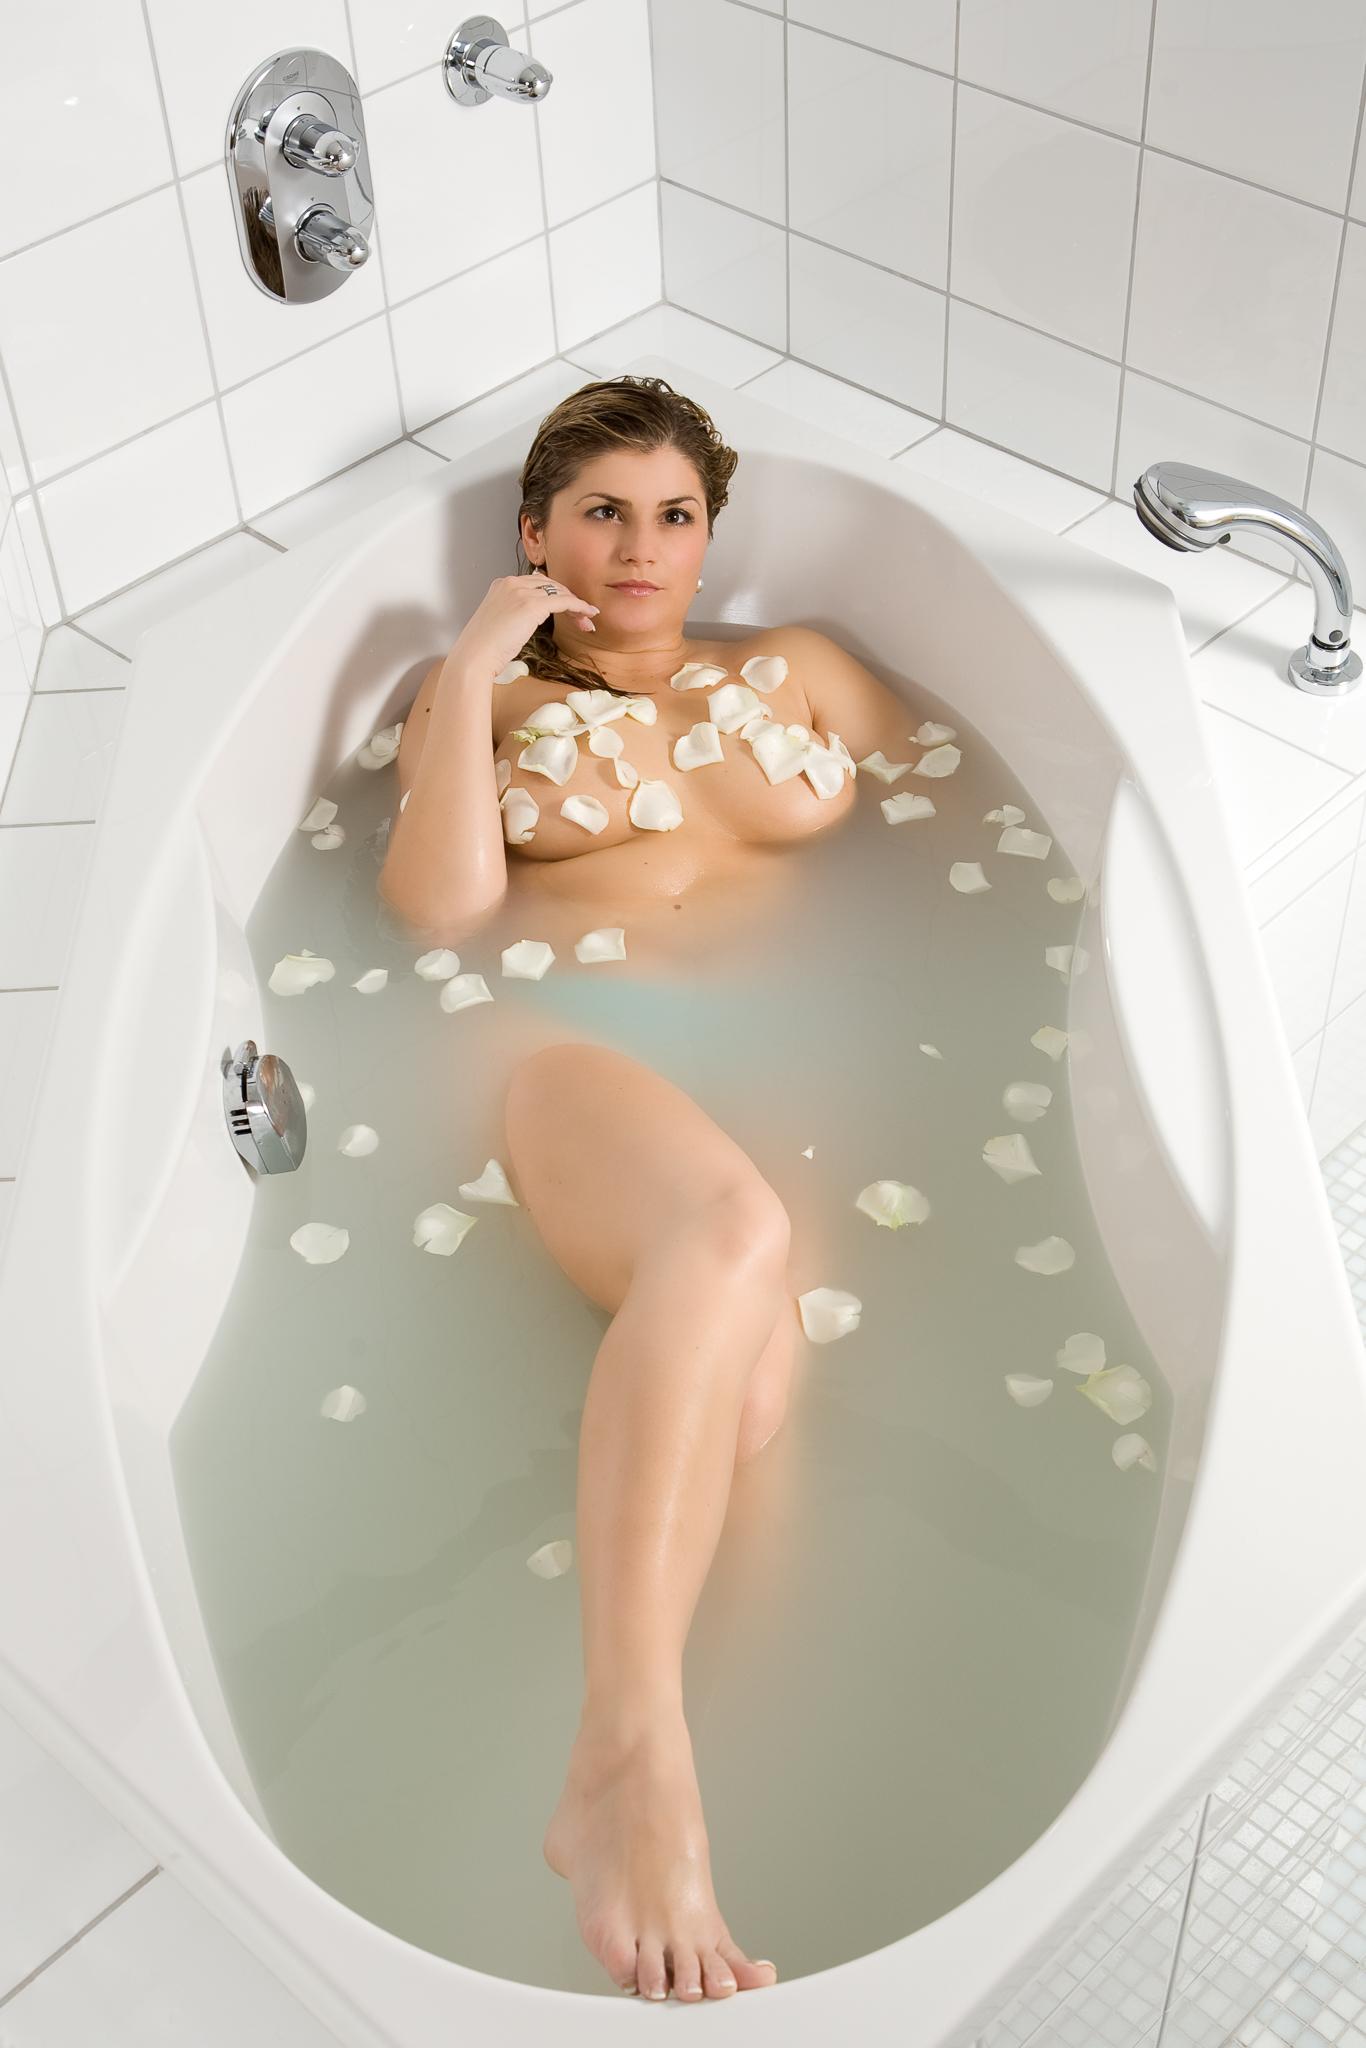 Model Mariana